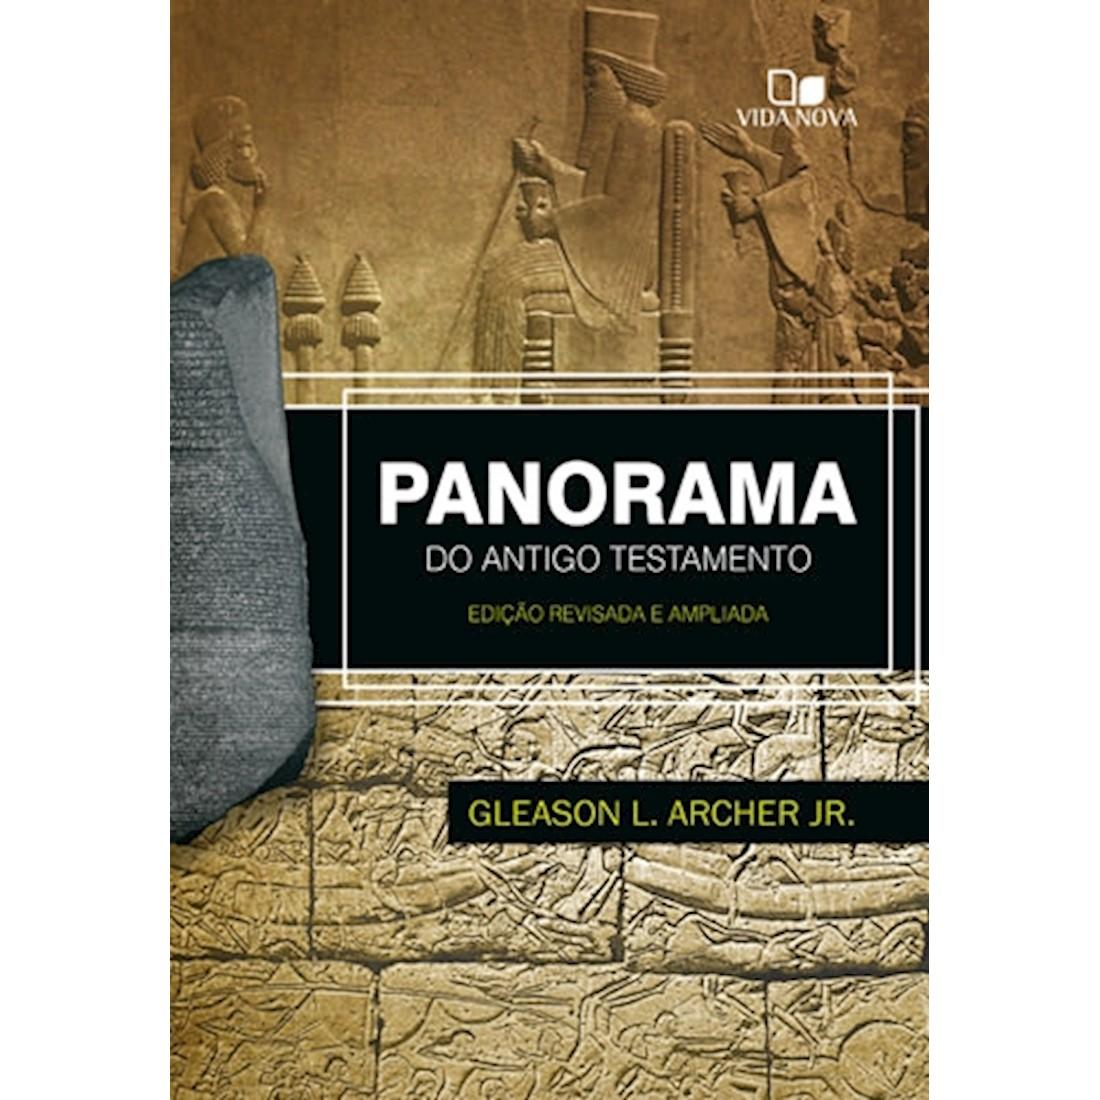 Livro Panorama do Antigo Testamento